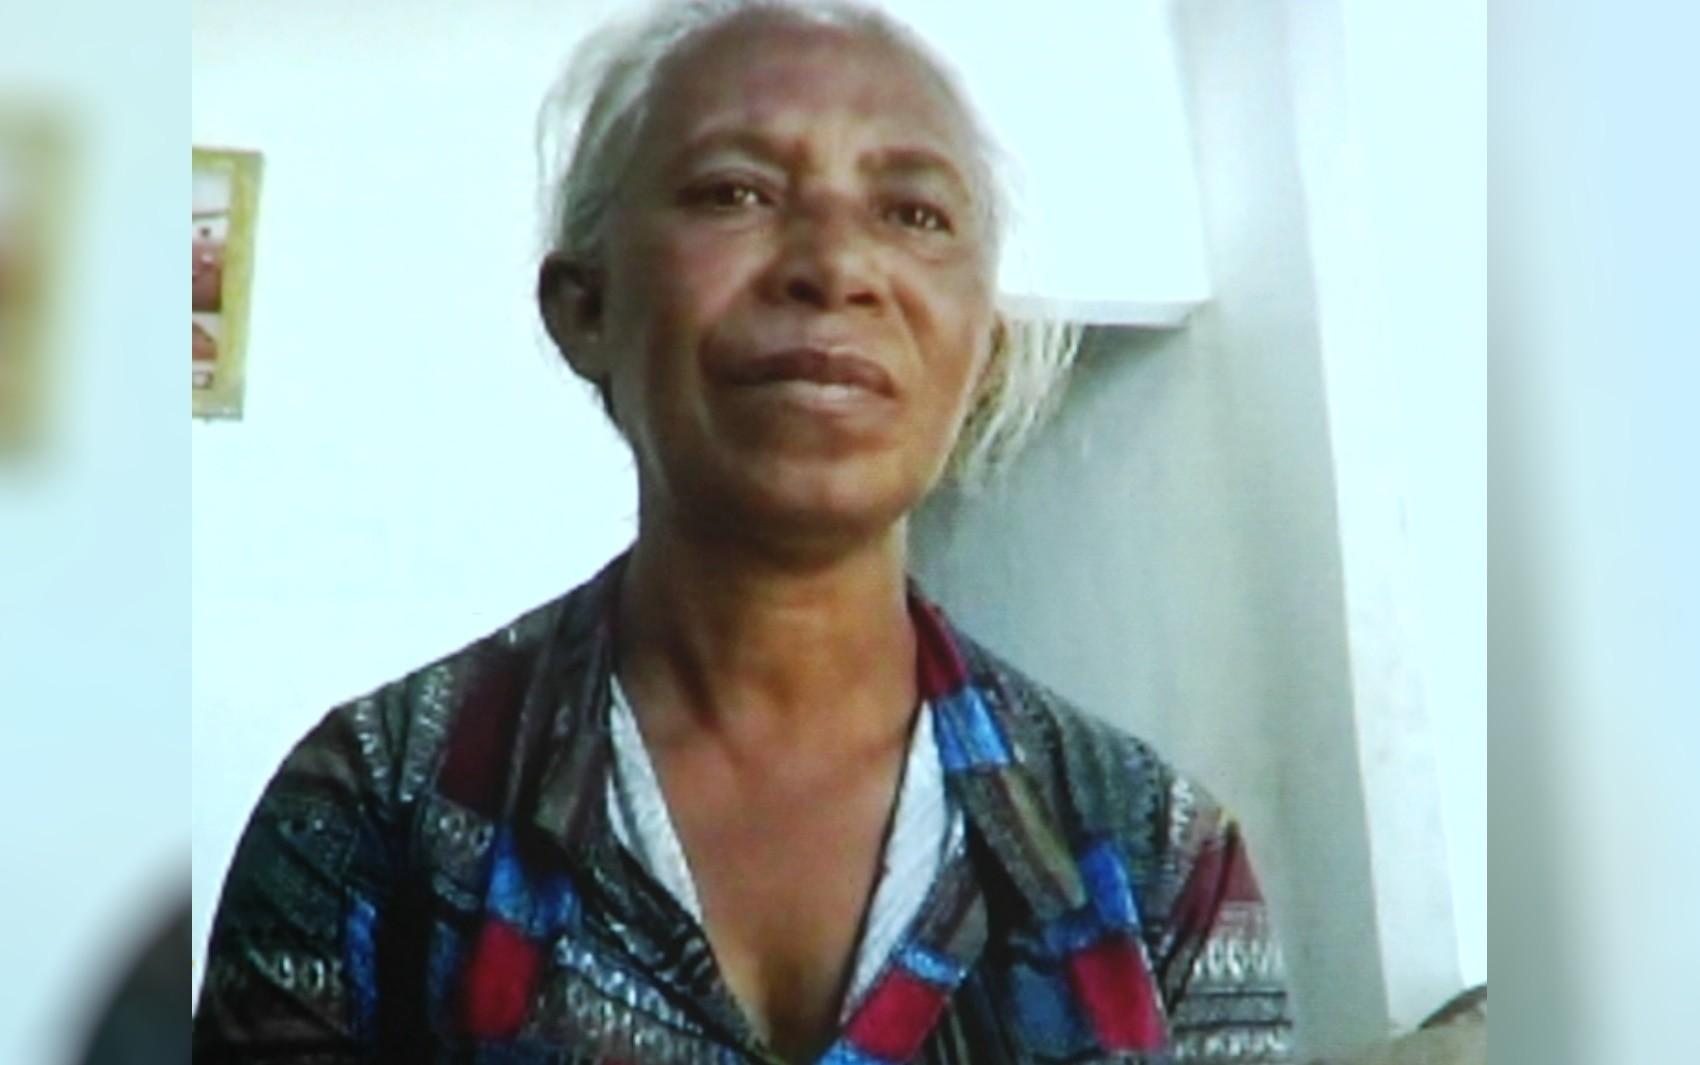 Aposentada pede ajuda para realizar o sonho de comprar carnes e verduras para a família, em Aparecida de Goiânia